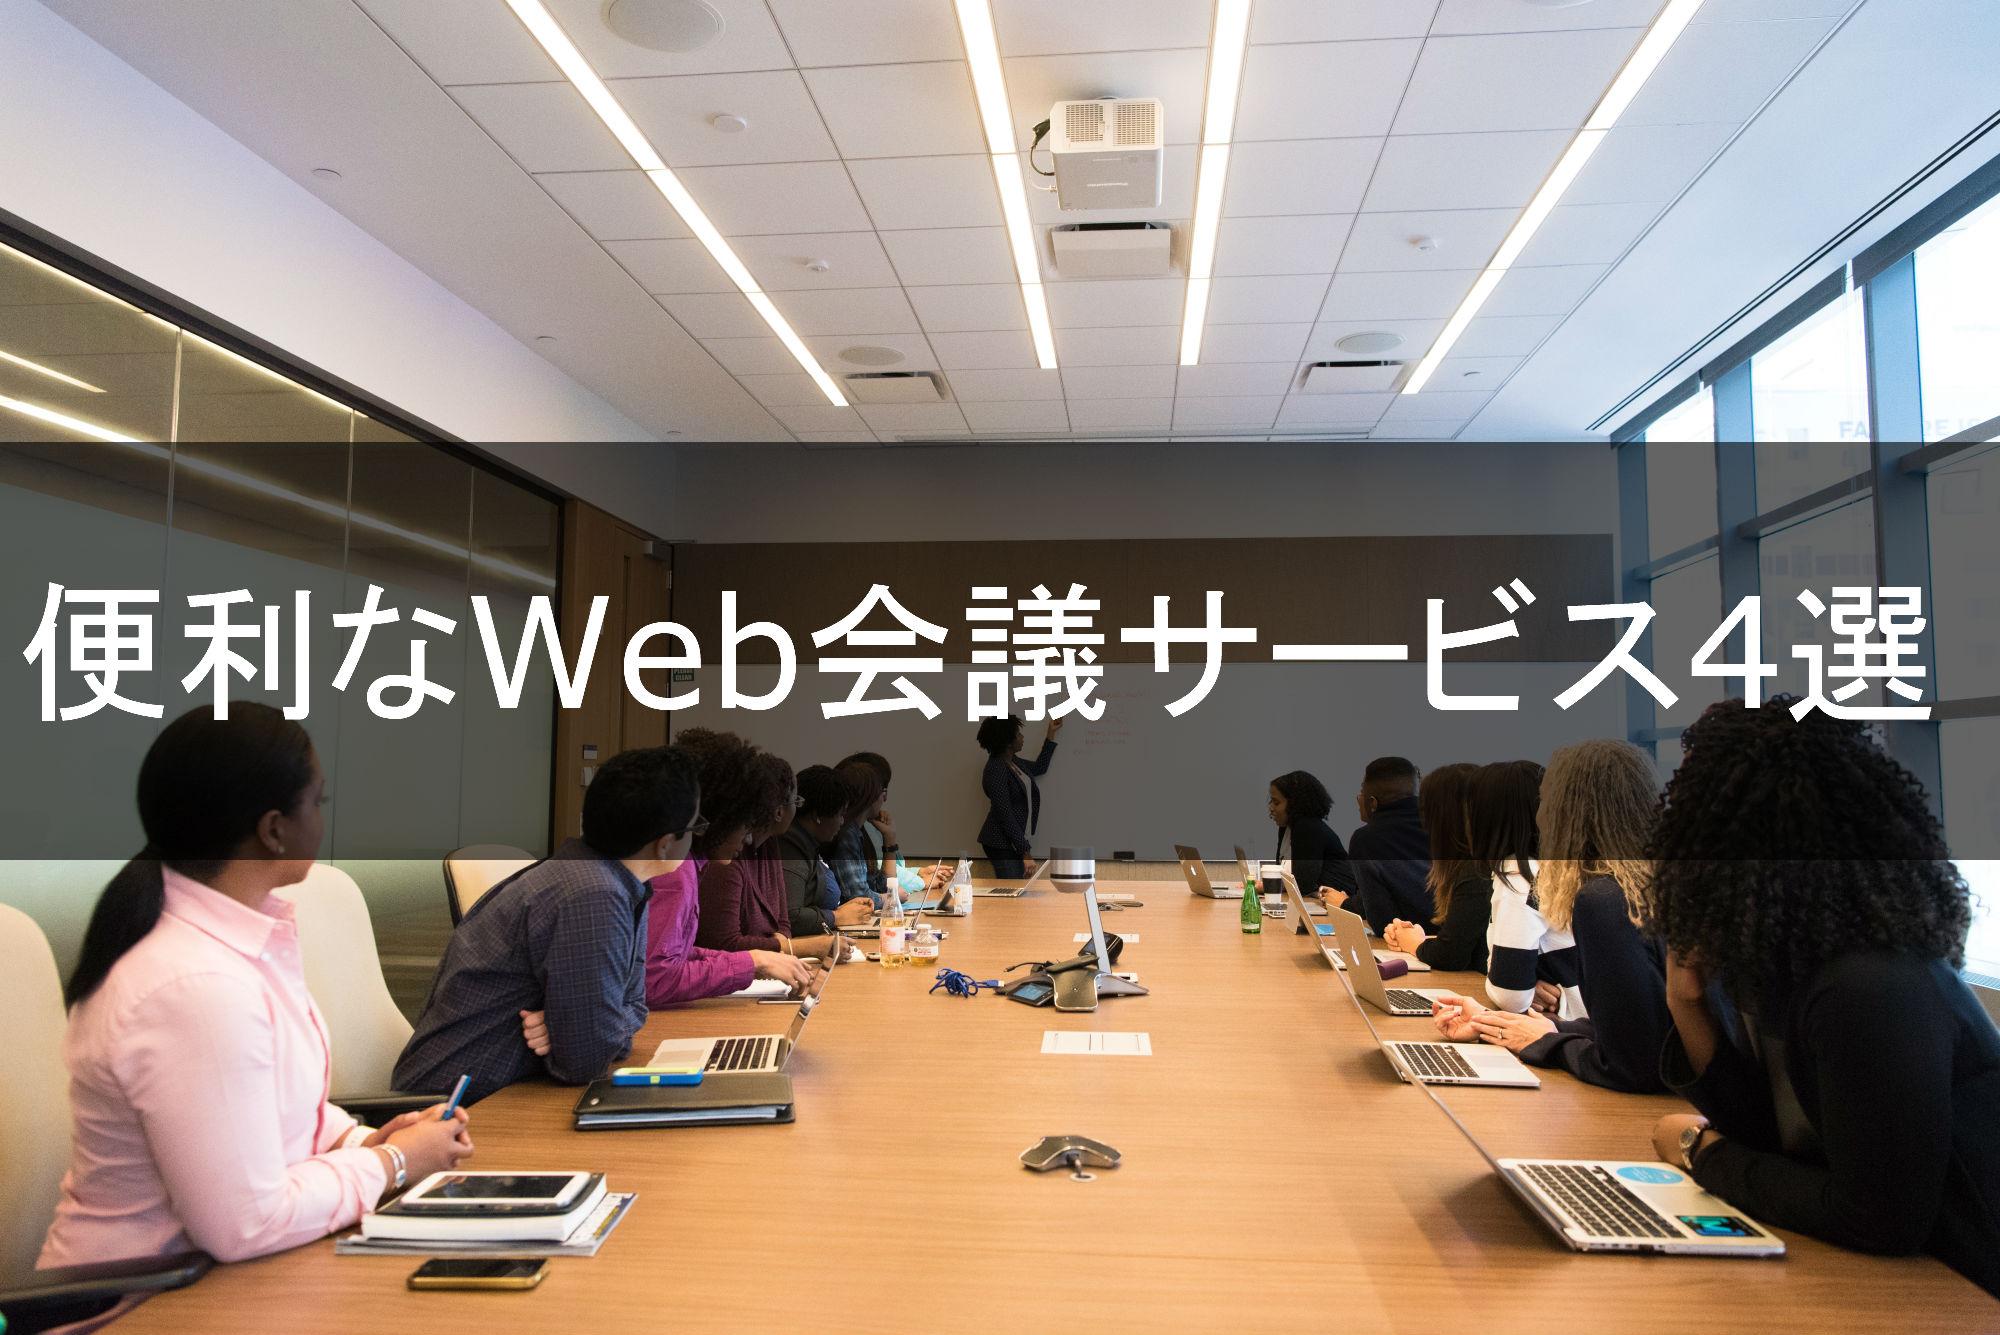 便利なWeb会議サービス4選(appear.in、Zoom、Live On、bellFace)